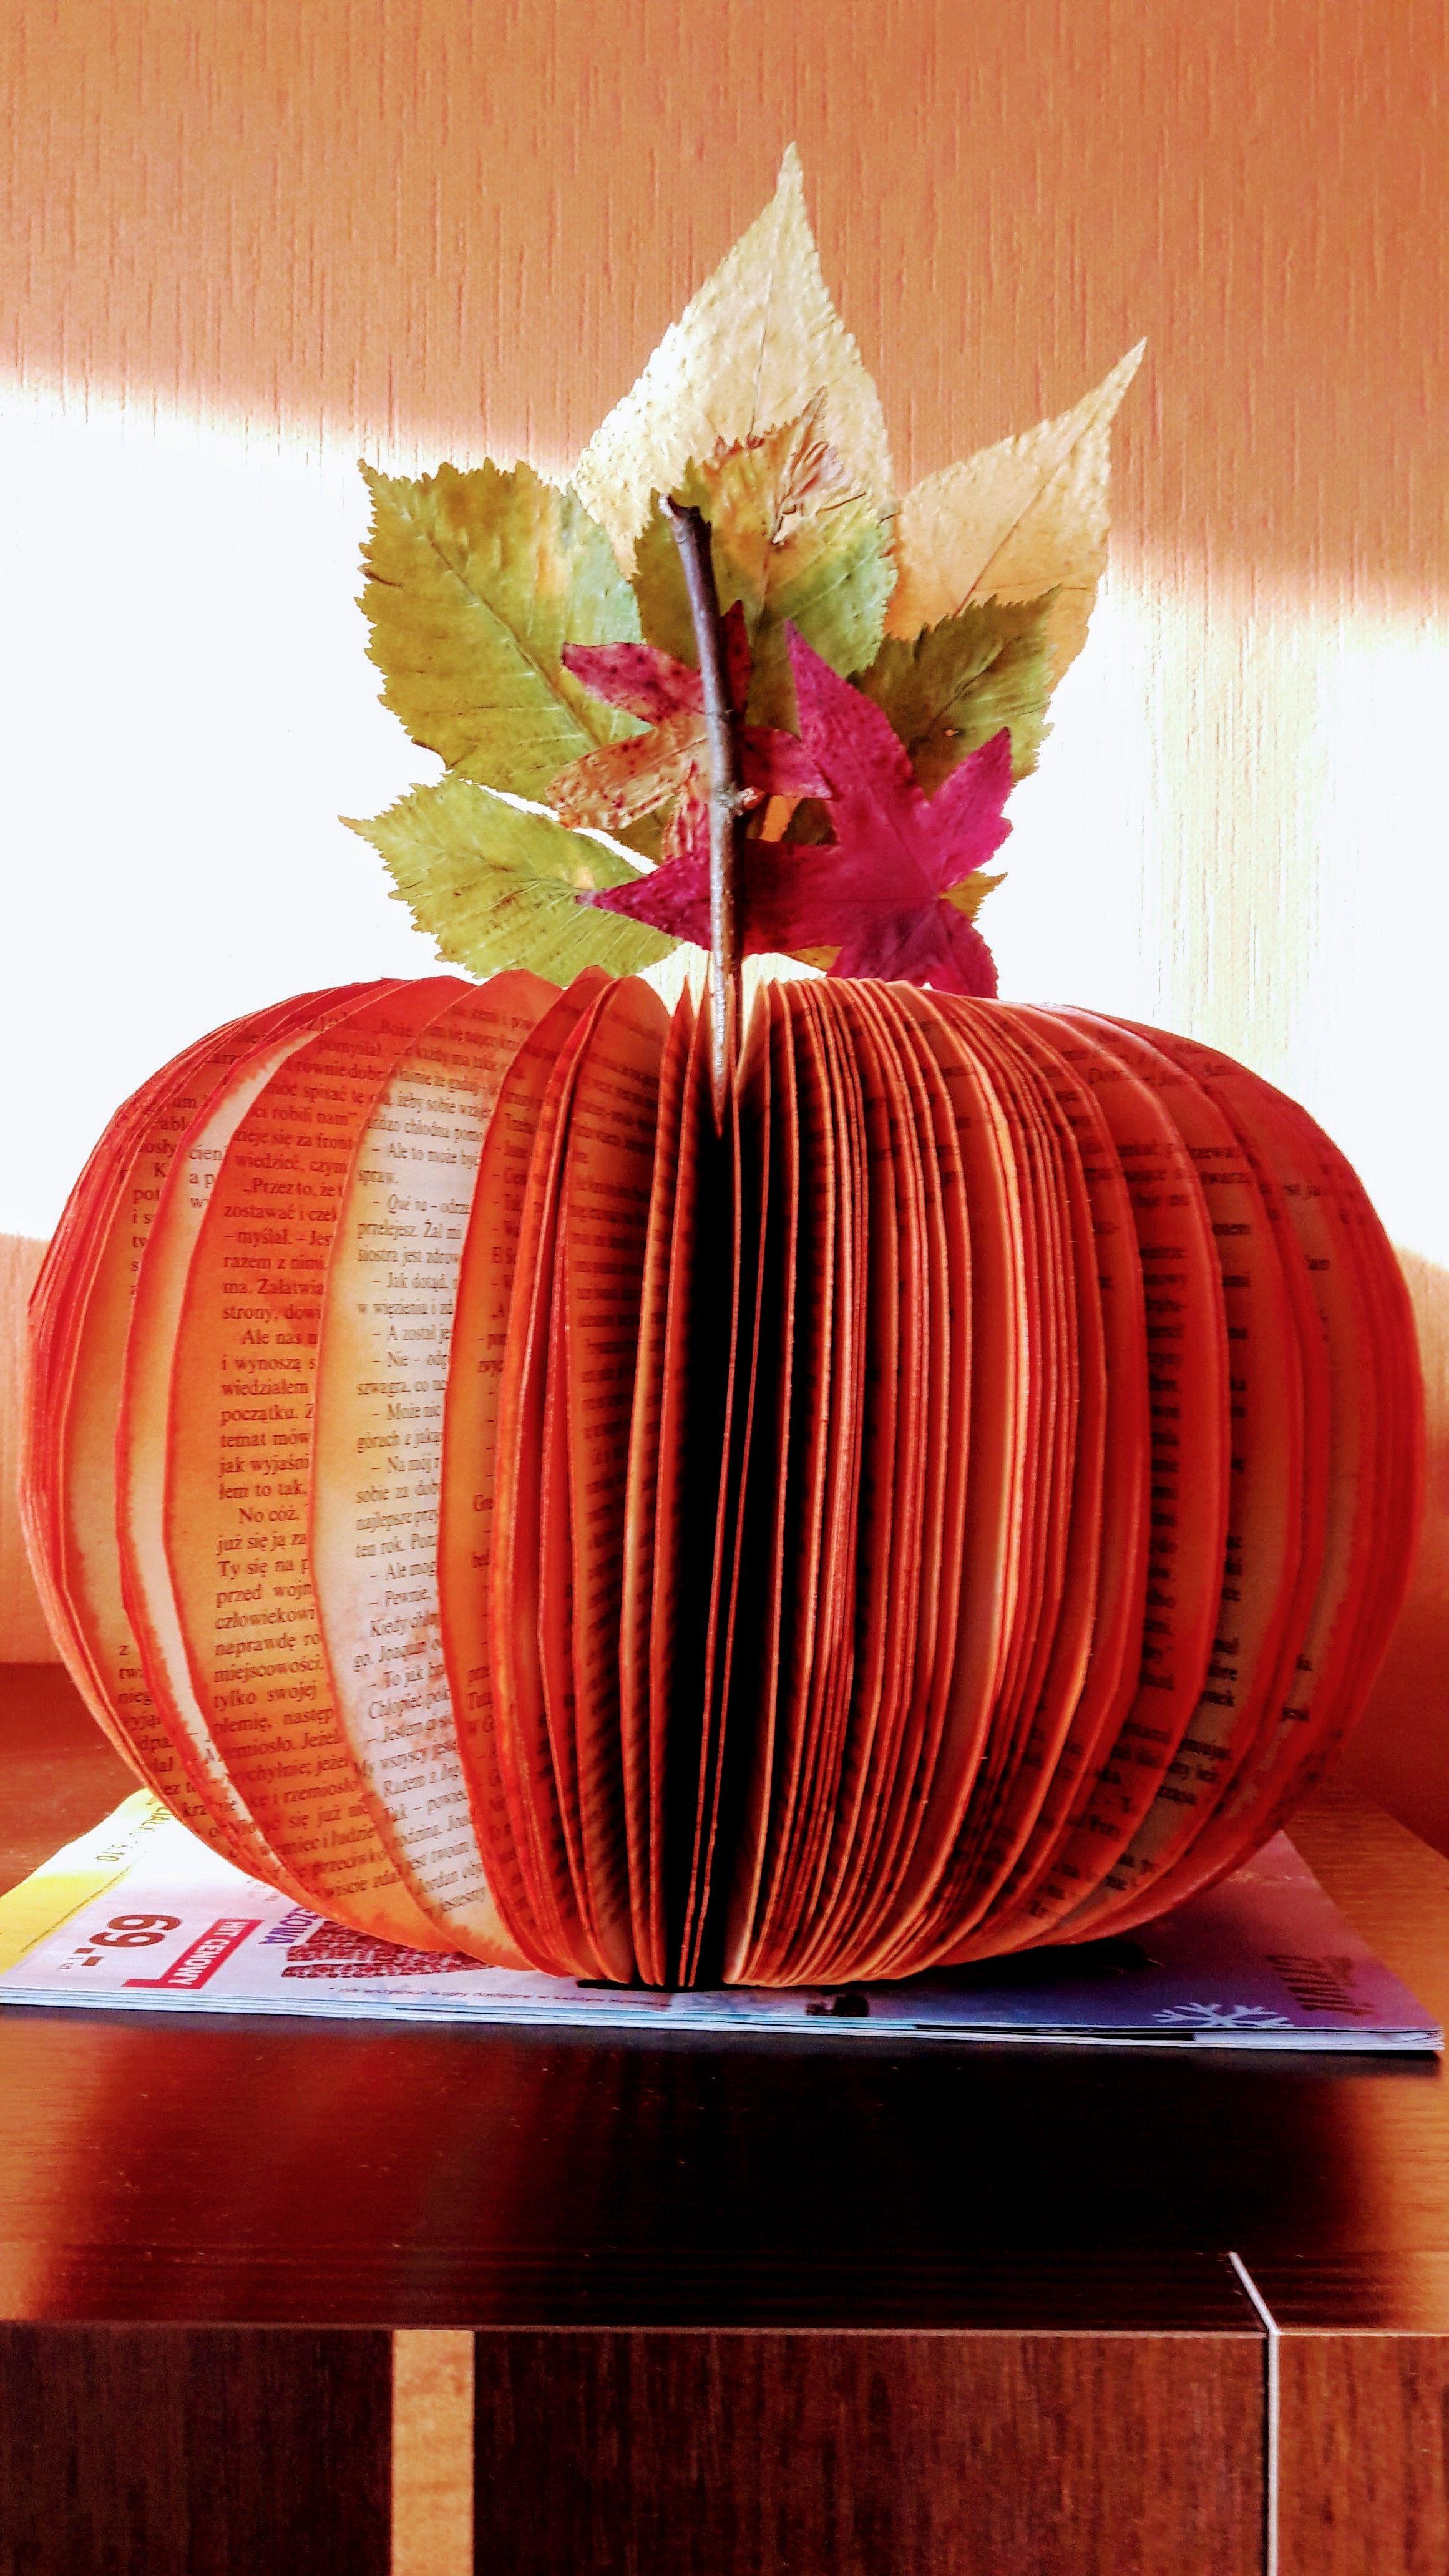 Dynia zrobiona z odpowiednio przyciętej książki